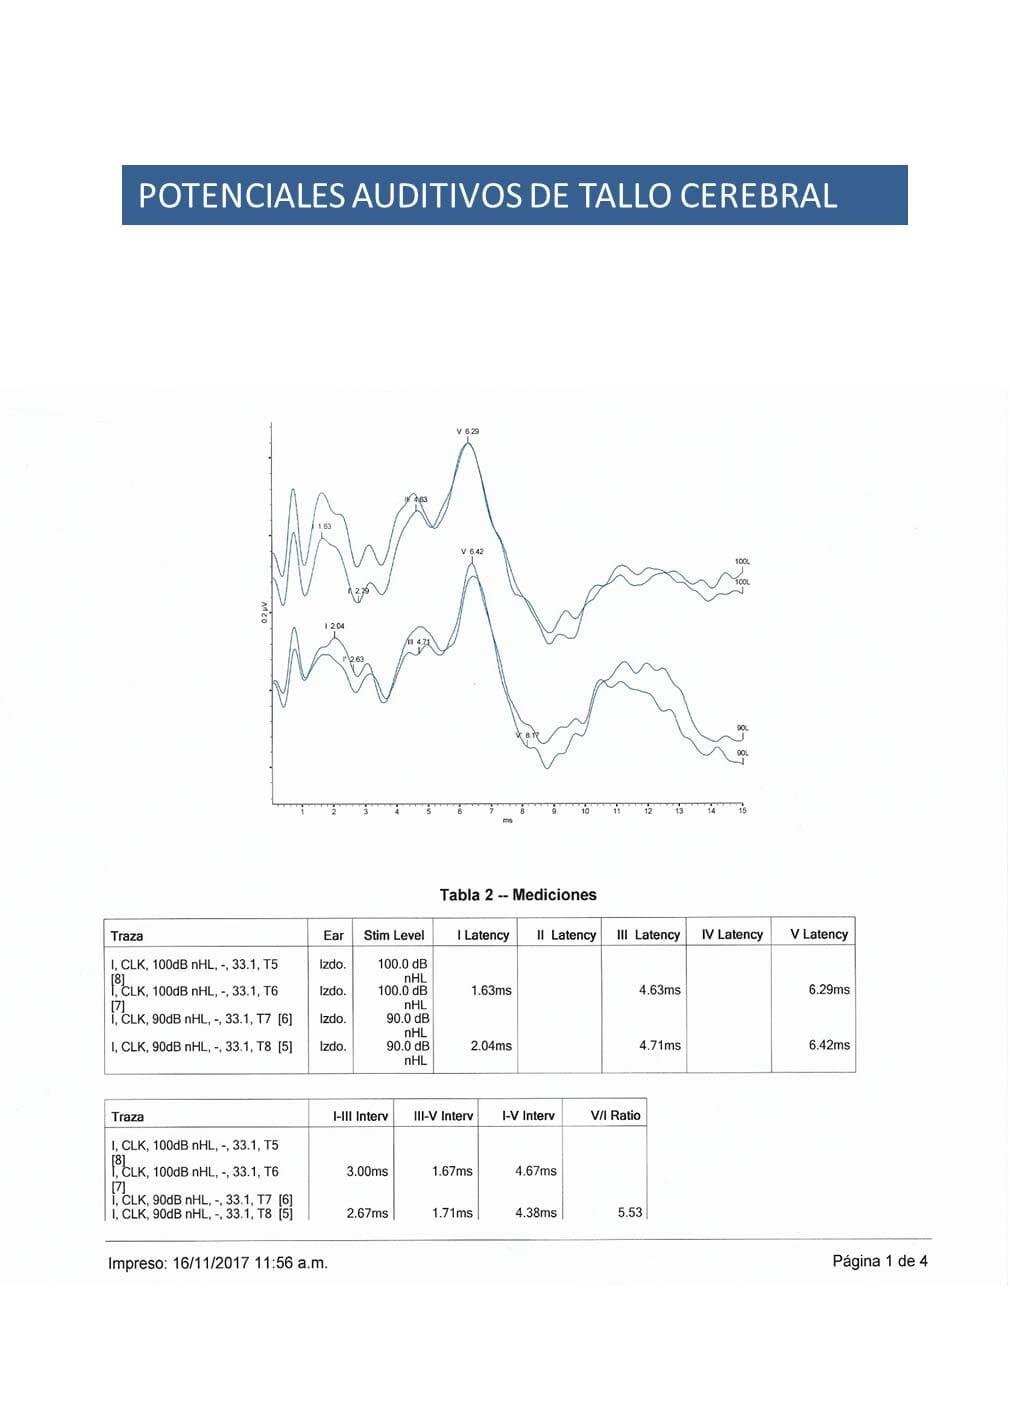 CENTRO DE DIAGNOSTICO AUDIOLOGICO Y OTONEUROLOGICO DE TUXTLA SA DE CV - Potenciales auditivos